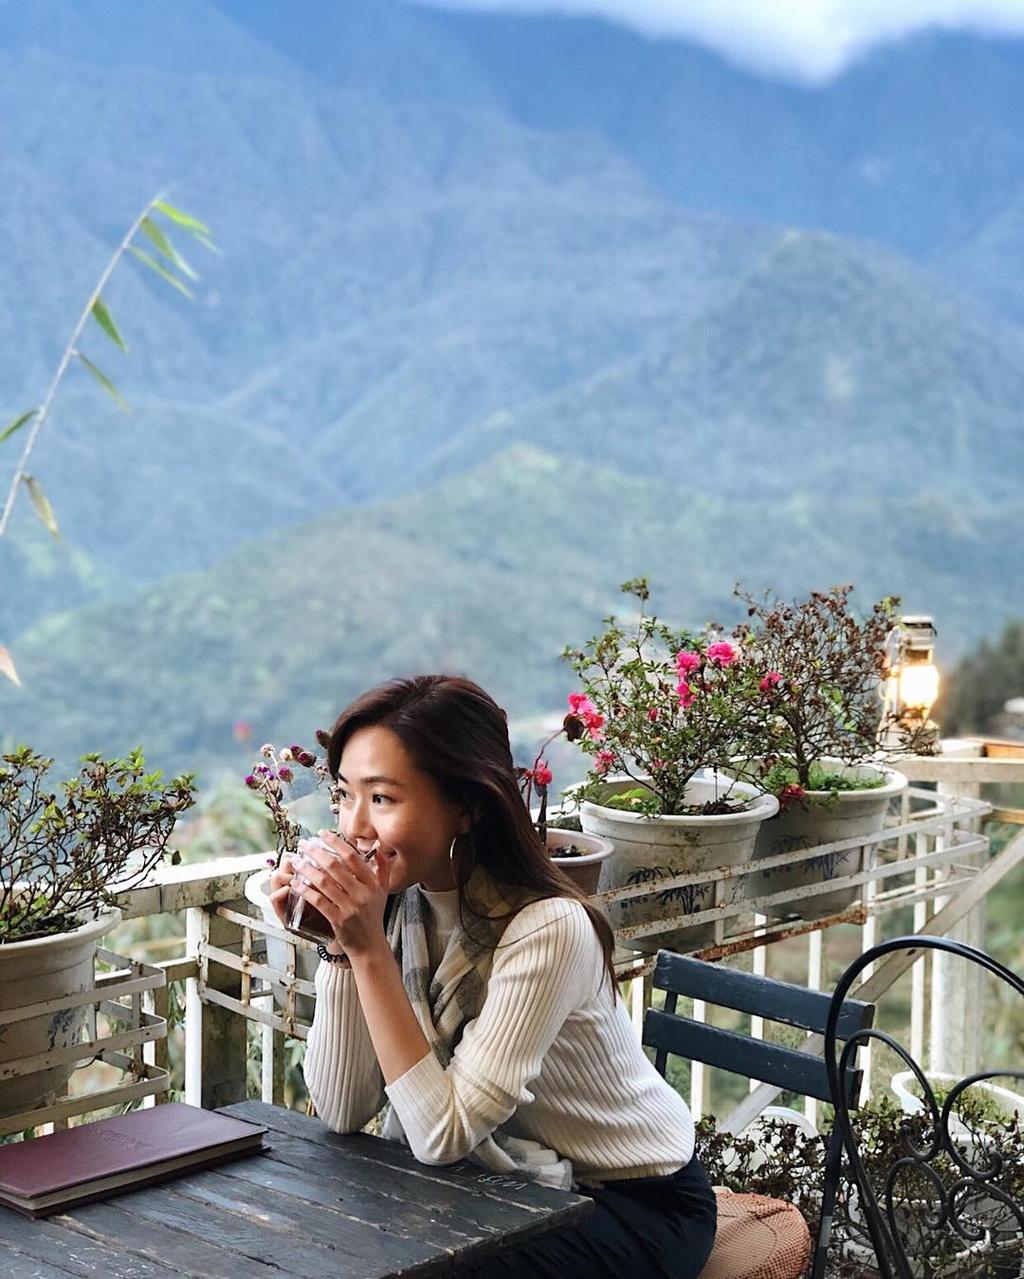 Tạp chí nước ngoài gợi ý những quán cà phê nên đến ở Sa Pa